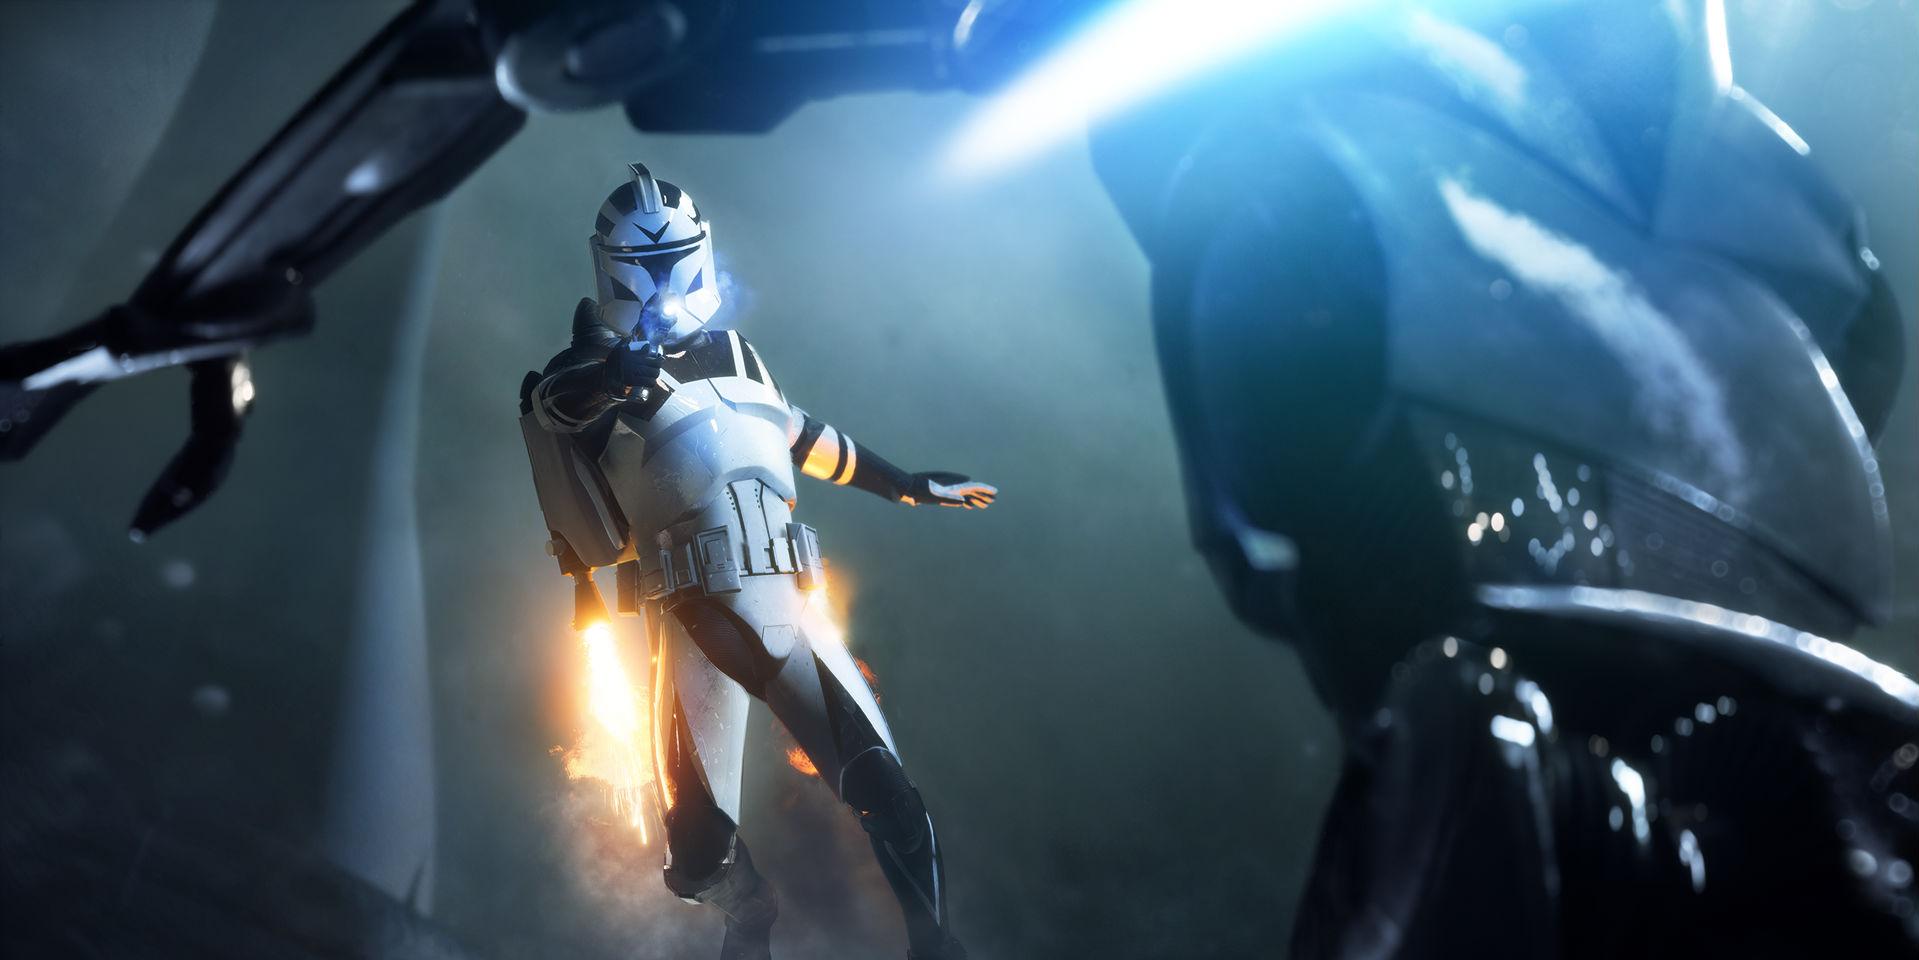 Star Wars Battlefront II Beta EA Loot Box Backlash